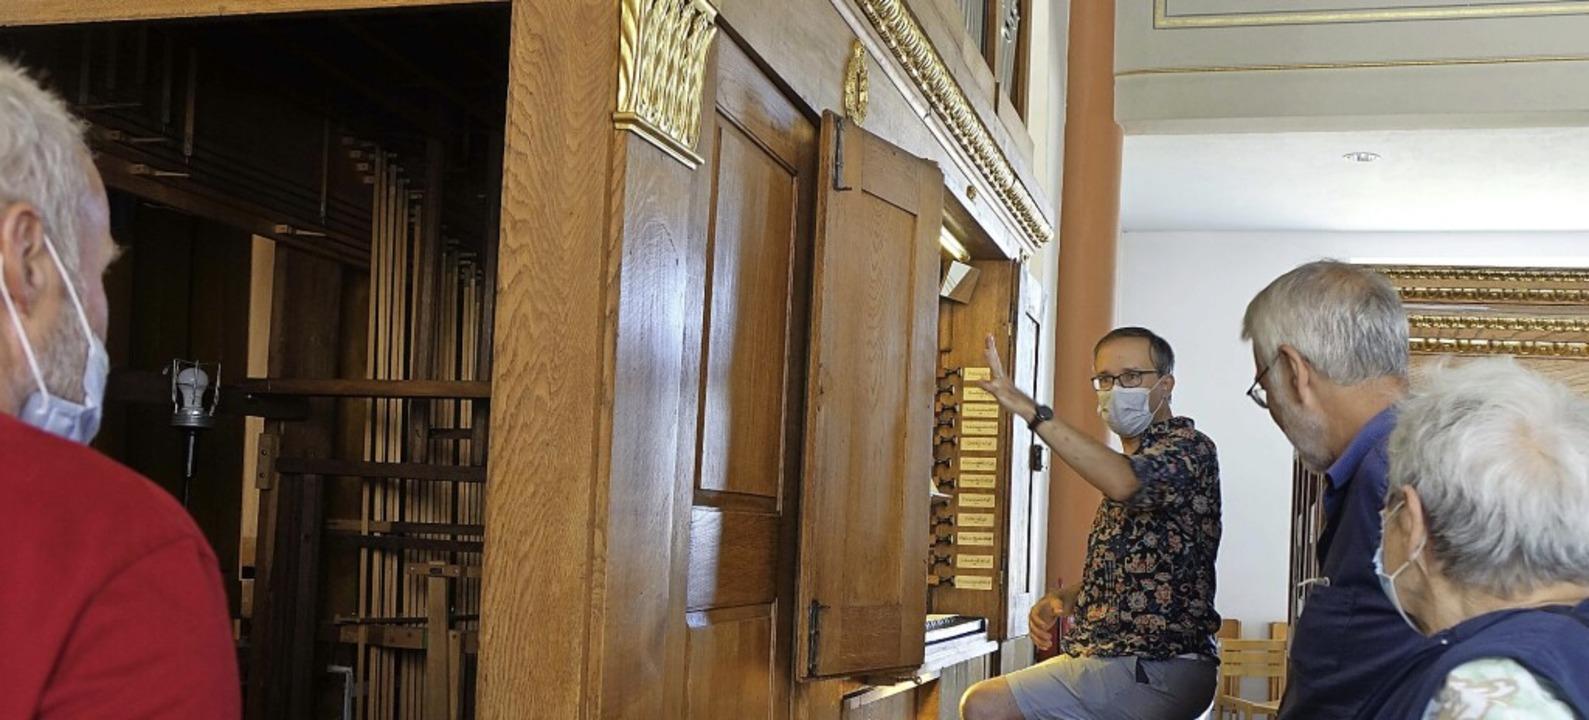 Pfarrer Christian Mack erläutert e die...rklin-Orgel und zeigte ihr Innenleben.  | Foto: Roswitha Frey